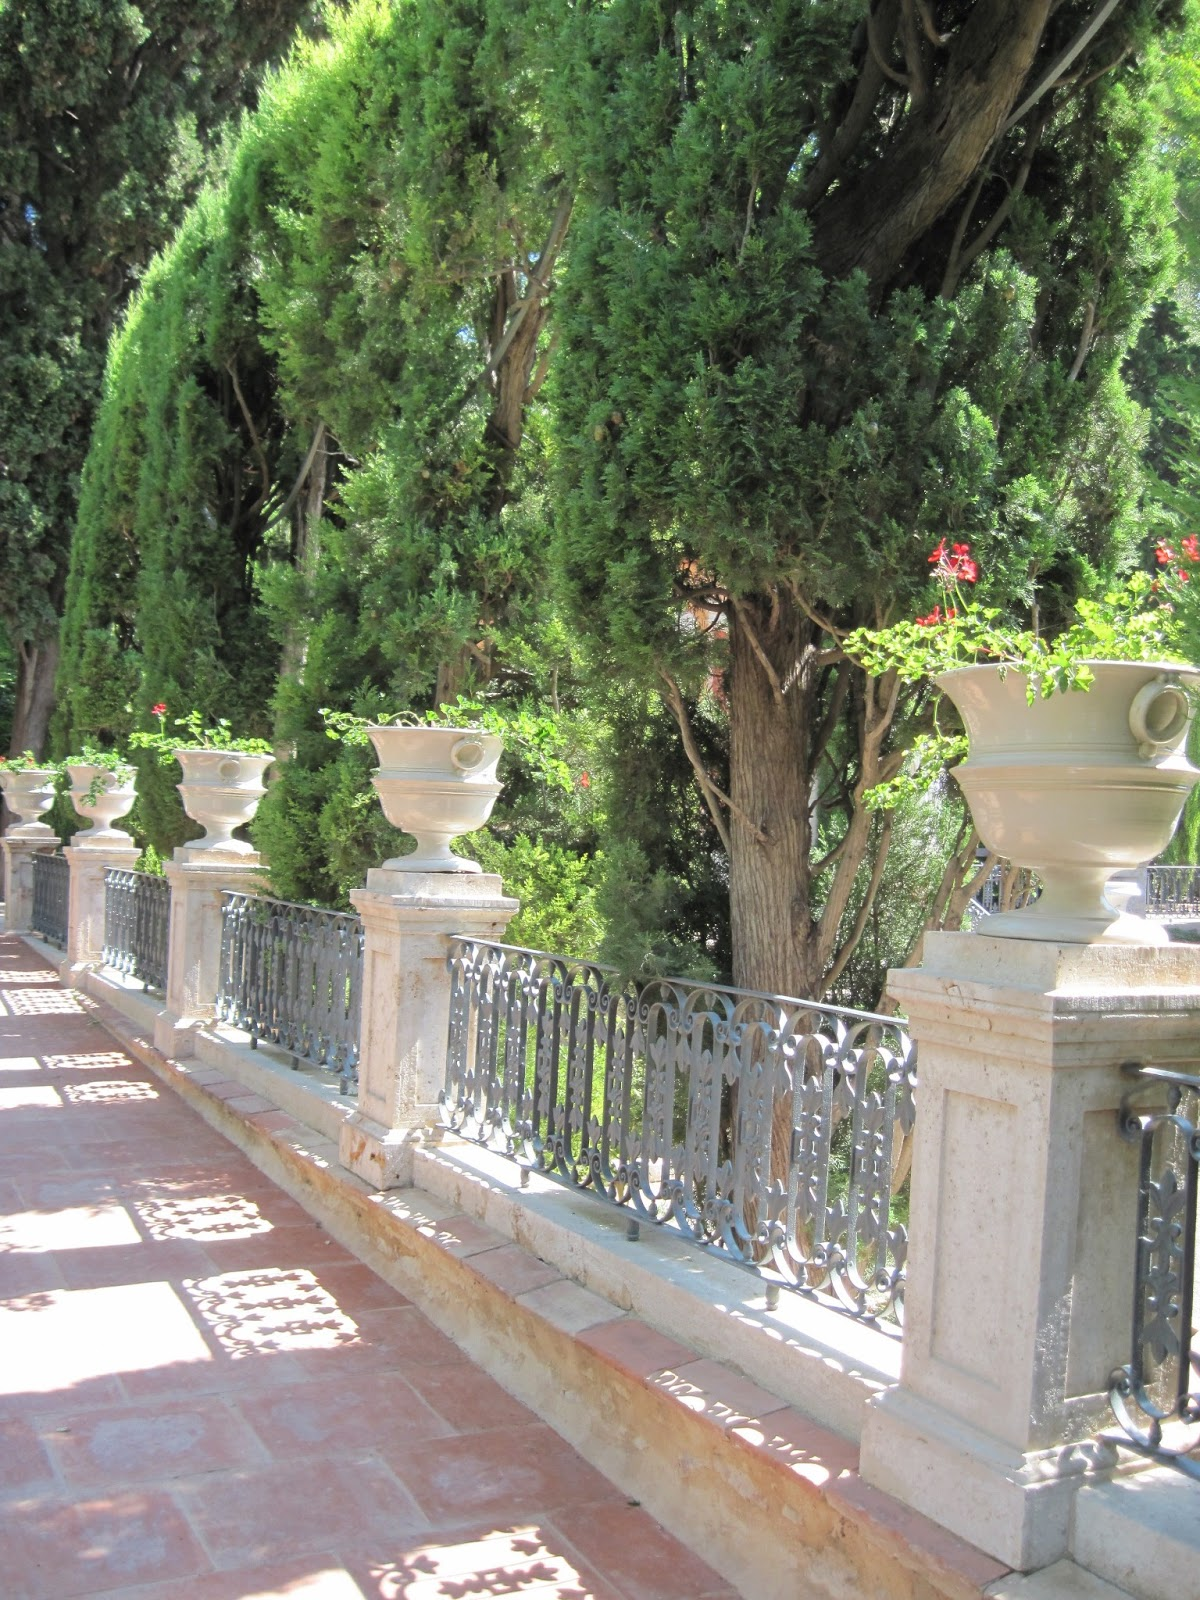 Otro enfoque jardines de monforte for Jardines de monforte valencia